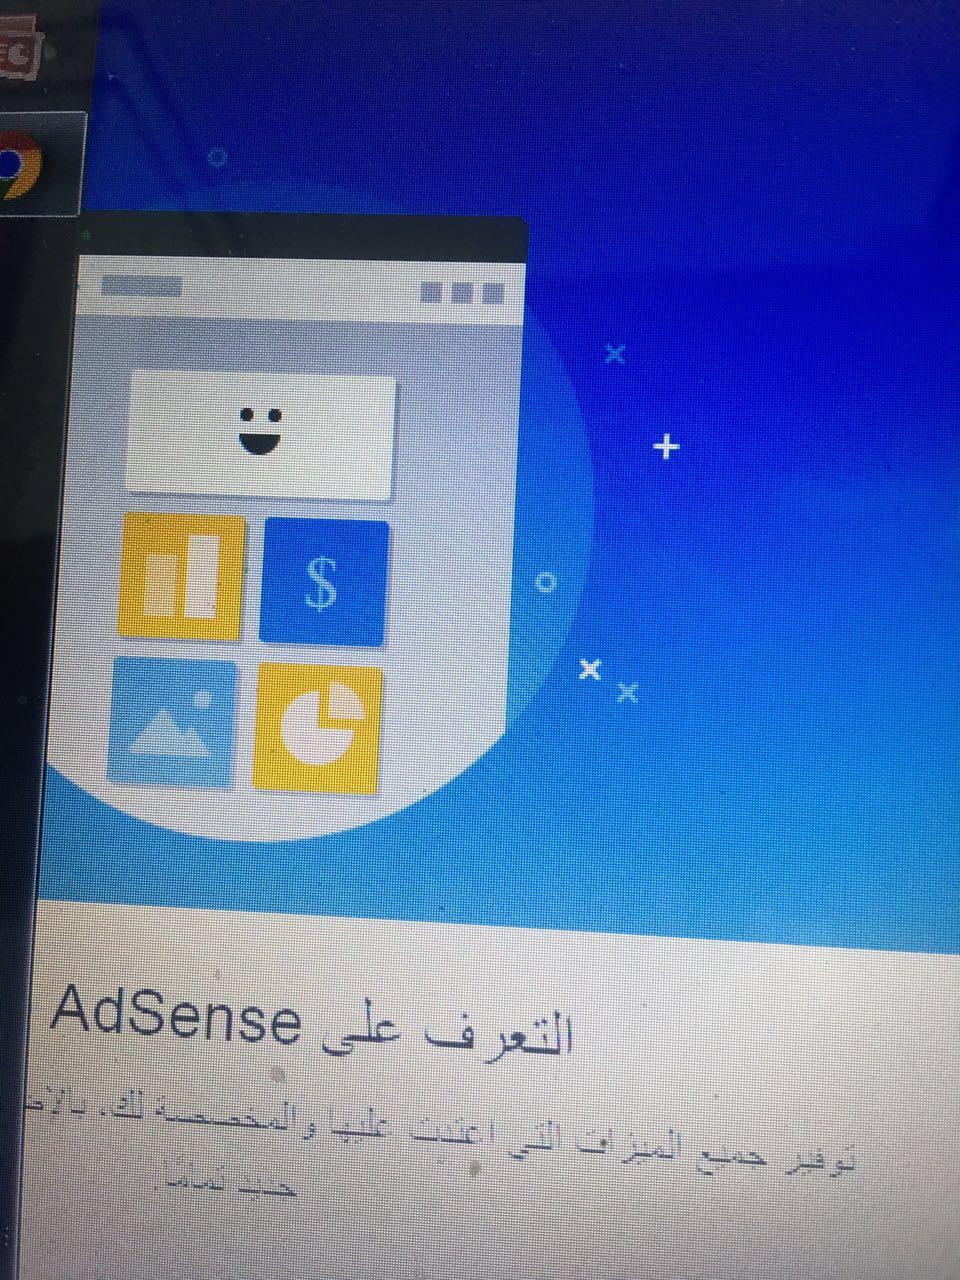 التعرف على AdSense الجديد! توفير جميع الميزات التي اعتدت عليها والمخصصة لك، بالإضافة إلى توفير شكل ومضمون جديد تمامًا. 408850312